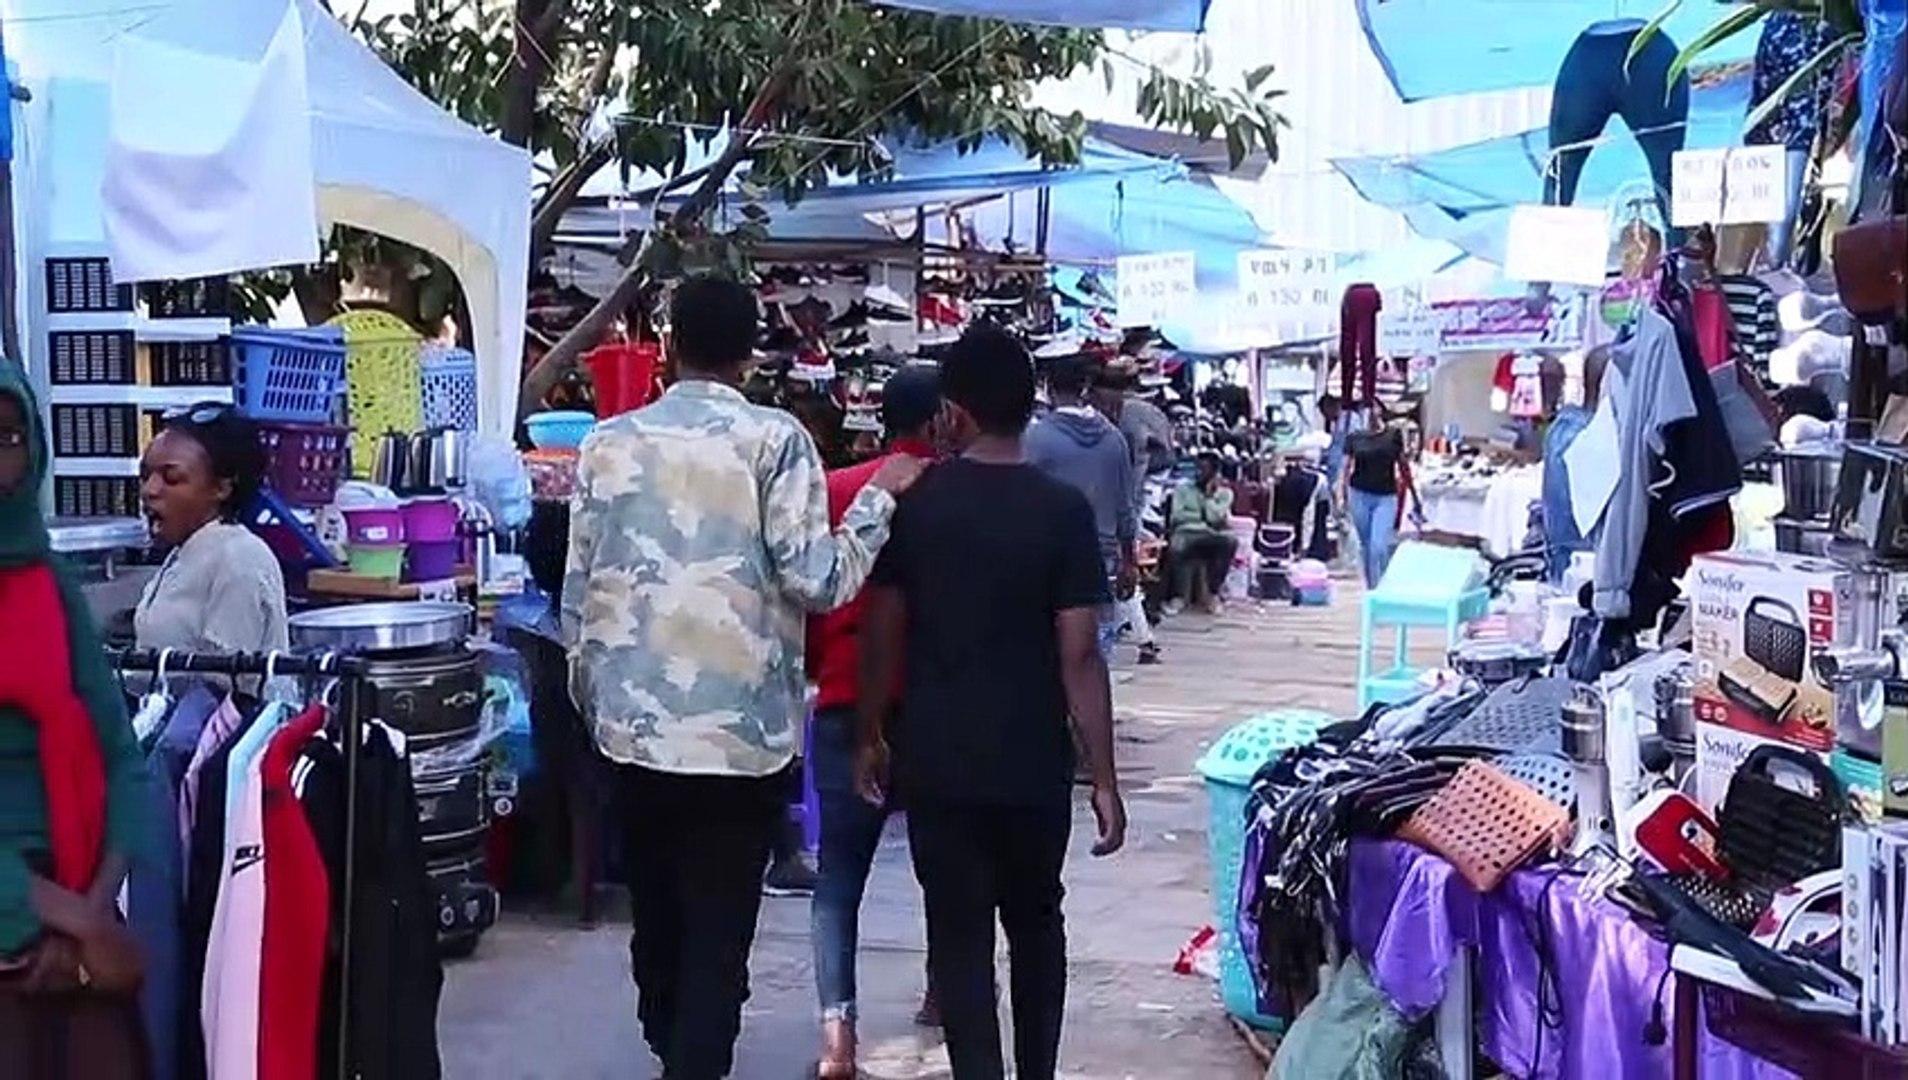 Etiyopya'da ramazana özel 'Bayram Fuarı' - ADDİS ABABA